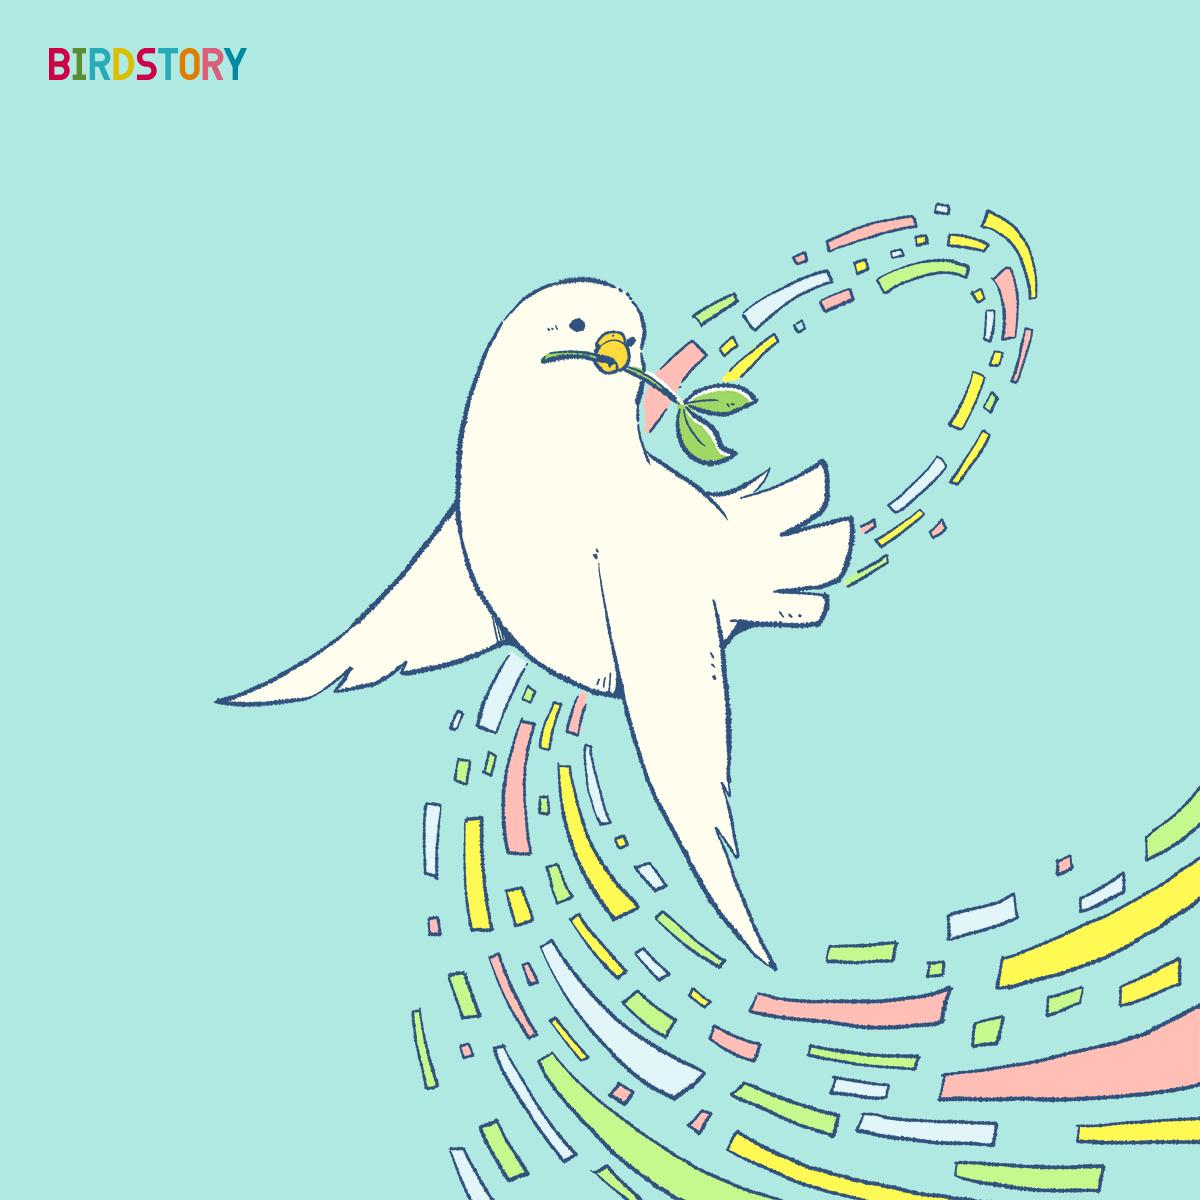 東日本大震災の発生から10年 復興の願いを込めて